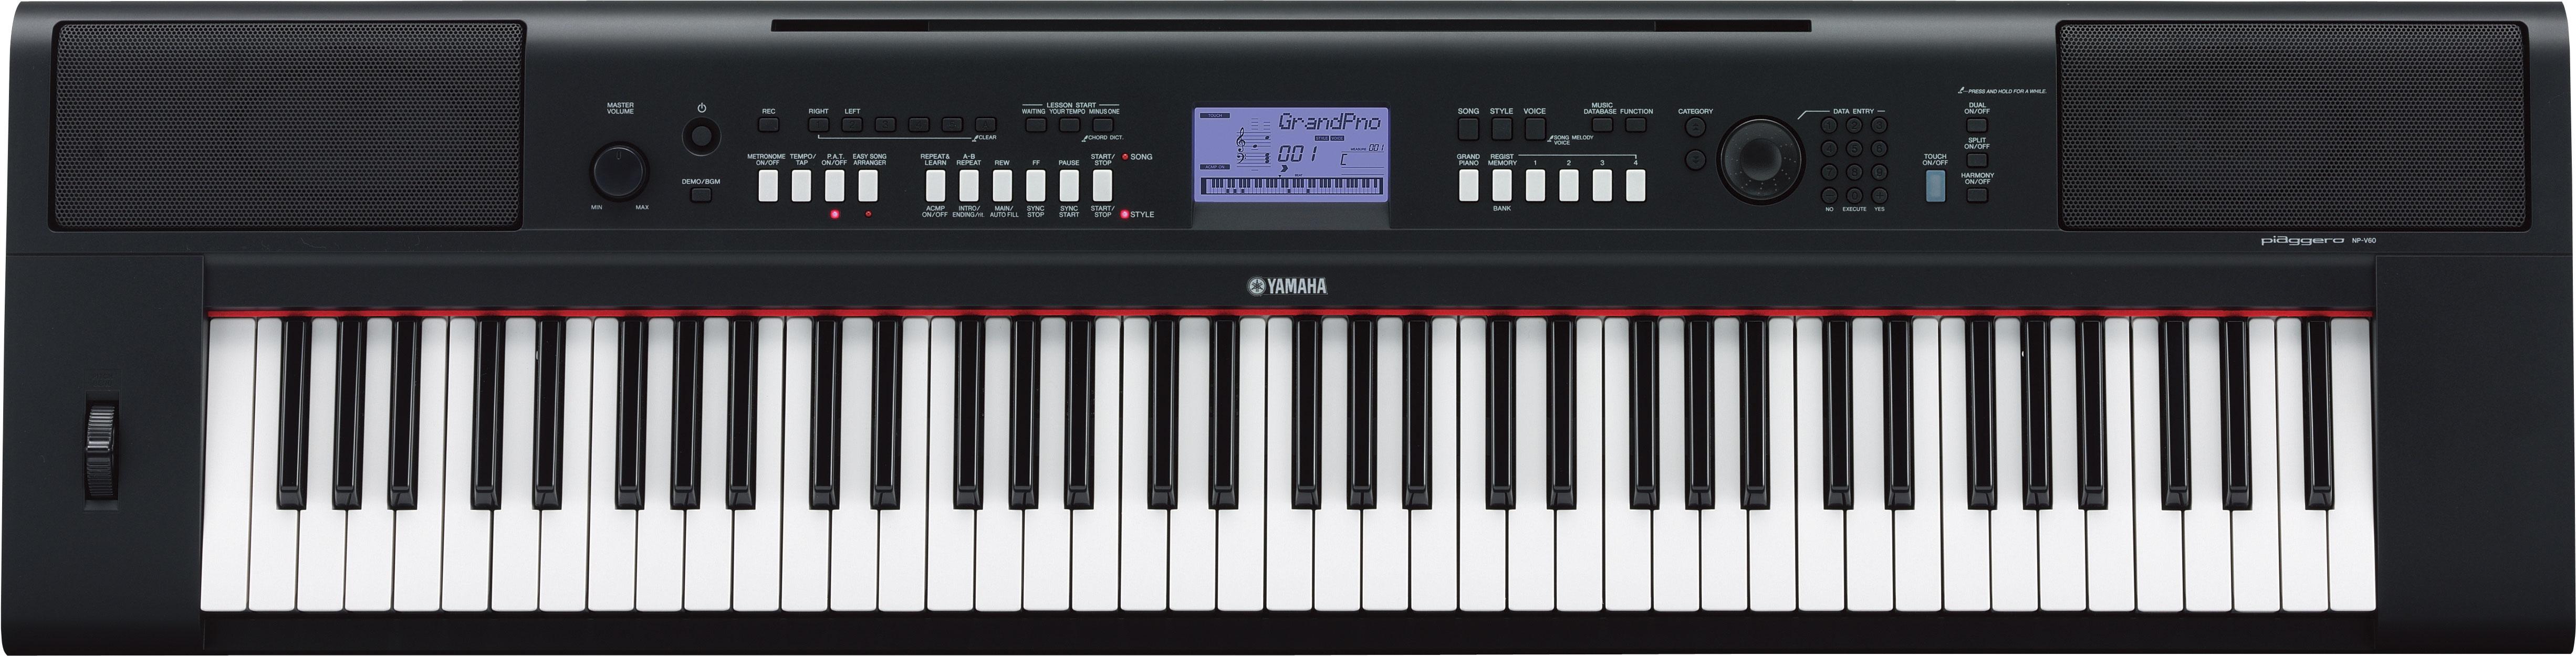 yamaha digital keyboard piaggero np-v80 & np-v60 owners manual